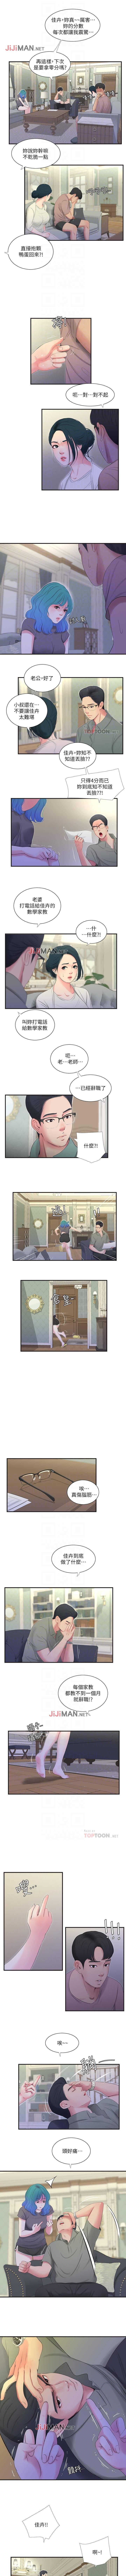 【周四连载】亲家四姐妹(作者:愛摸) 第1~31话 94